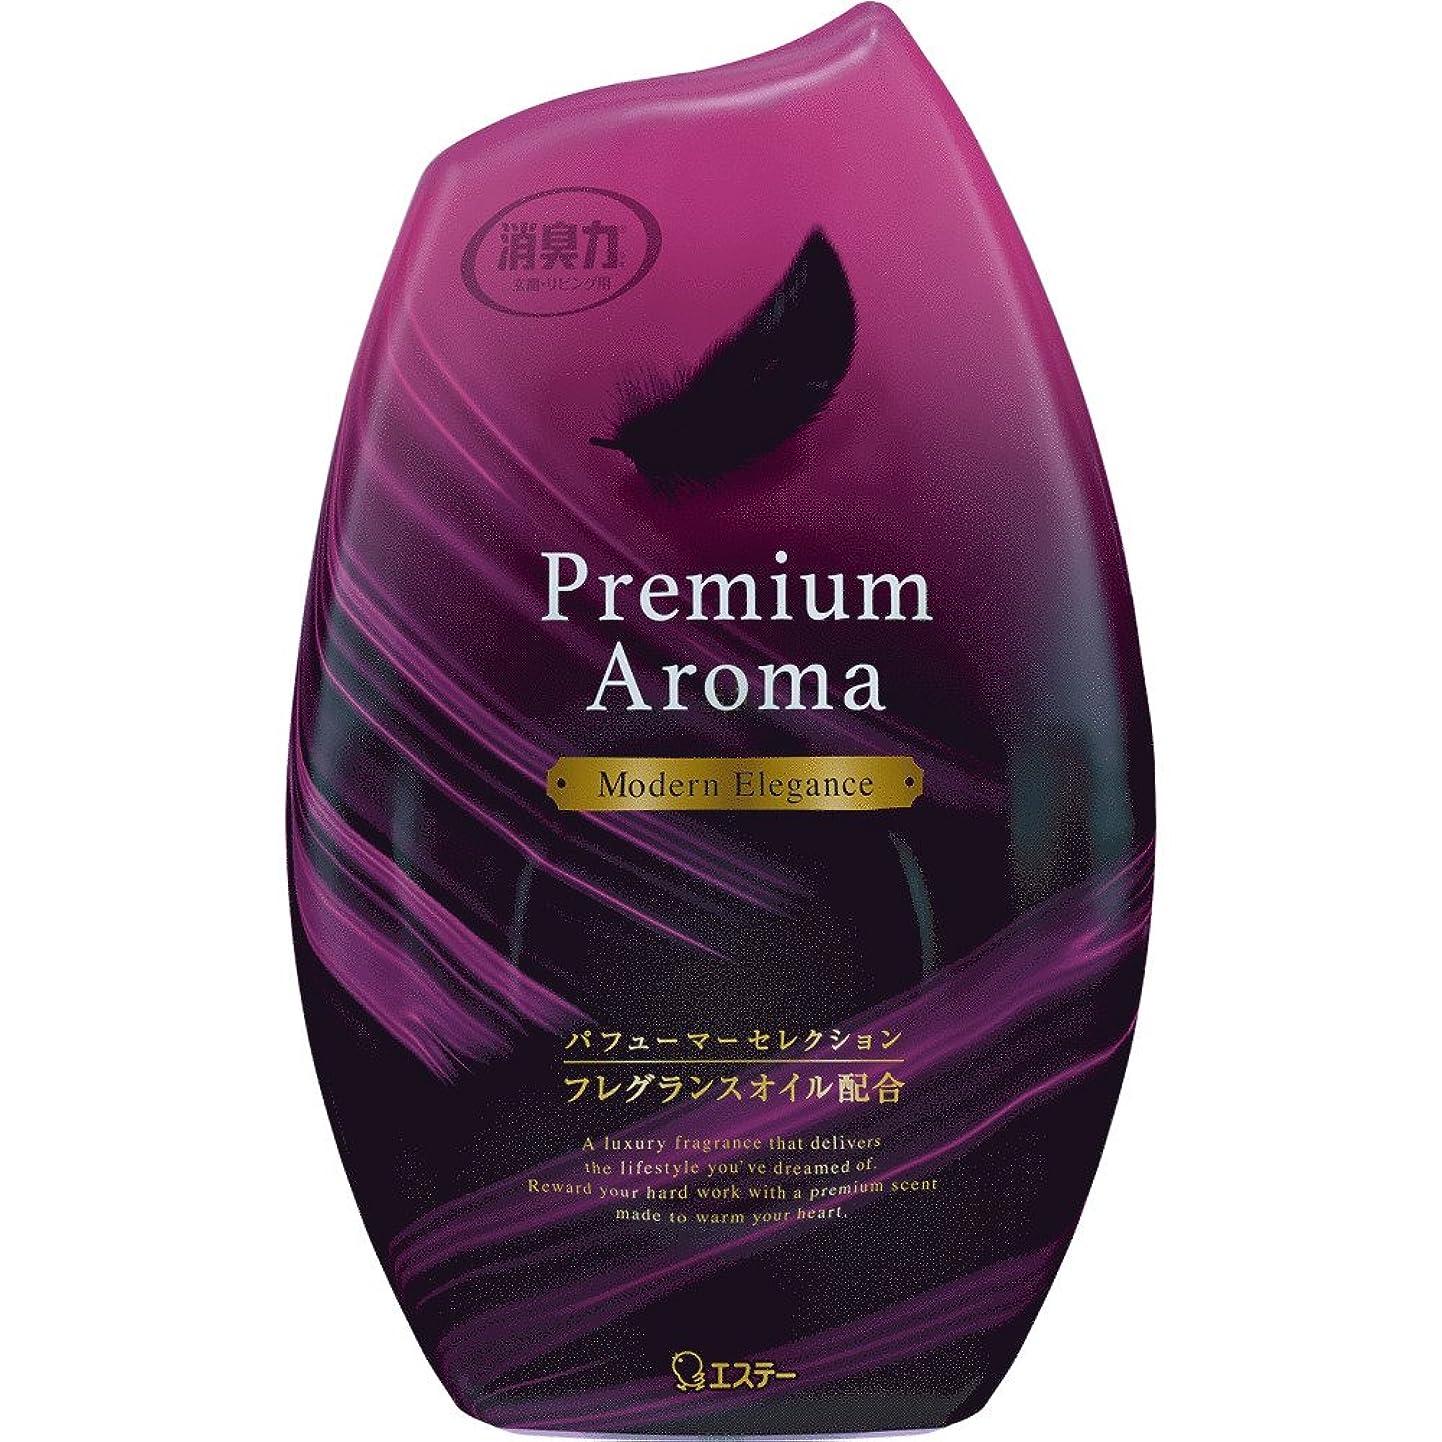 私たちのもの無臭深くお部屋の消臭力 プレミアムアロマ Premium Aroma 消臭芳香剤 部屋用 部屋 モダンエレガンスの香り 400ml